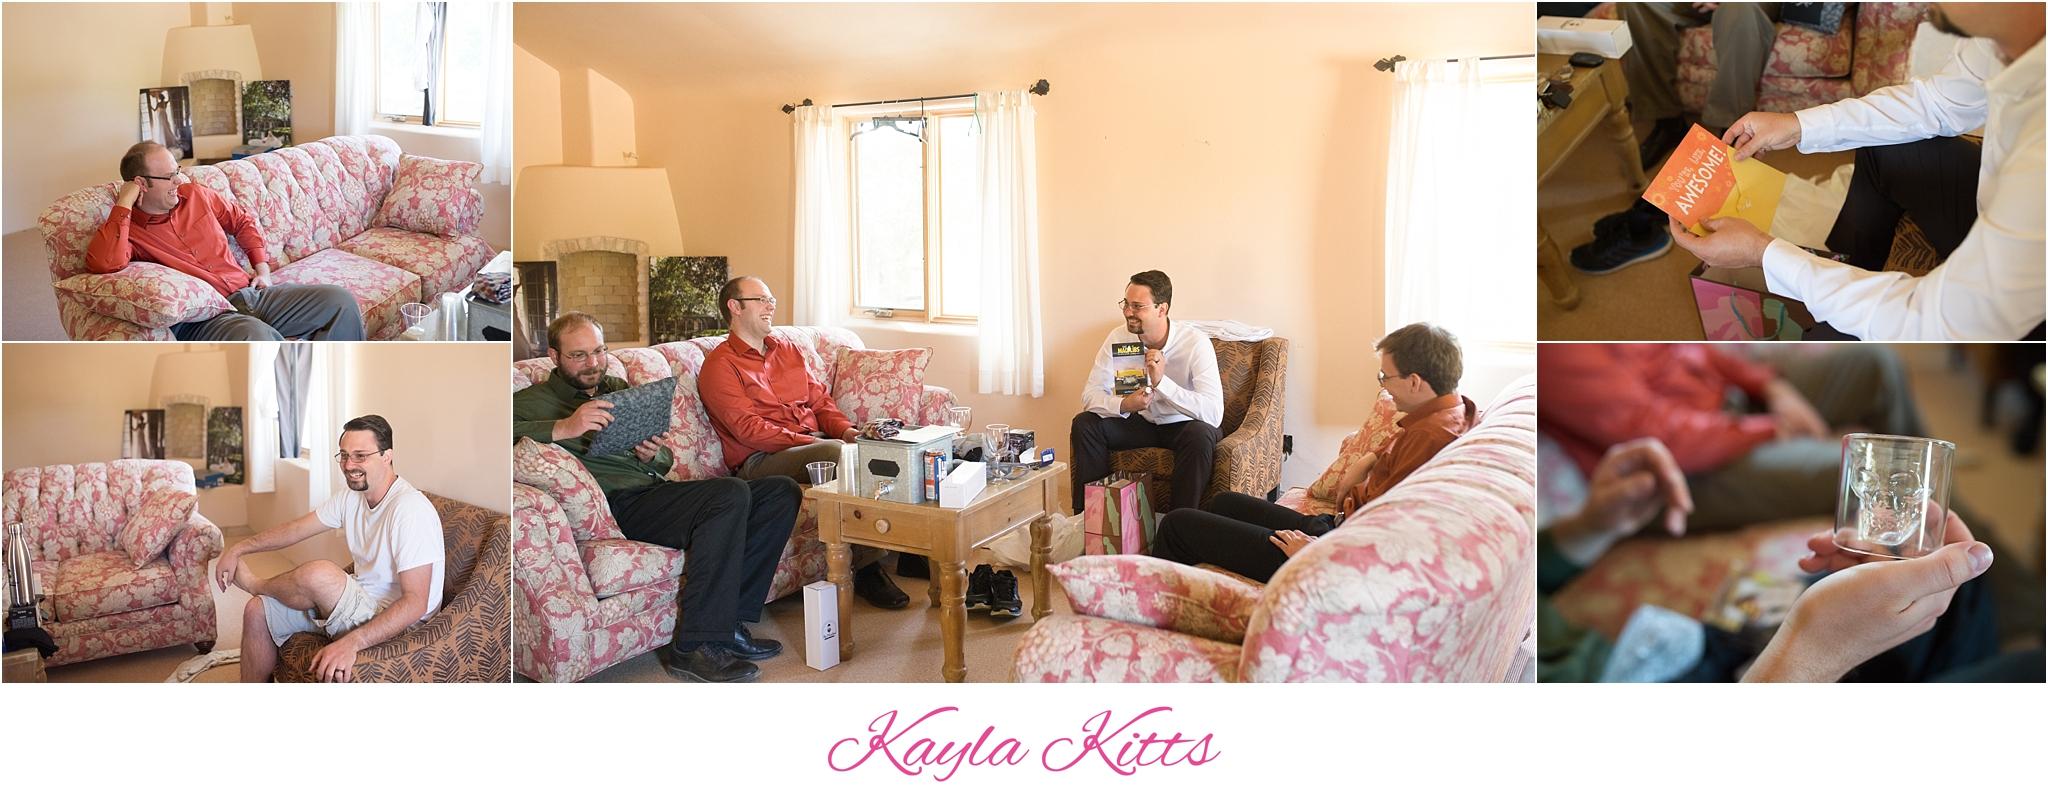 kayla kitts photography - albuquerque wedding photographer - albuquerque wedding photography - albuquerque venue - casa rondena - casa rondea wedding - new mexico wedding photographer_0006.jpg